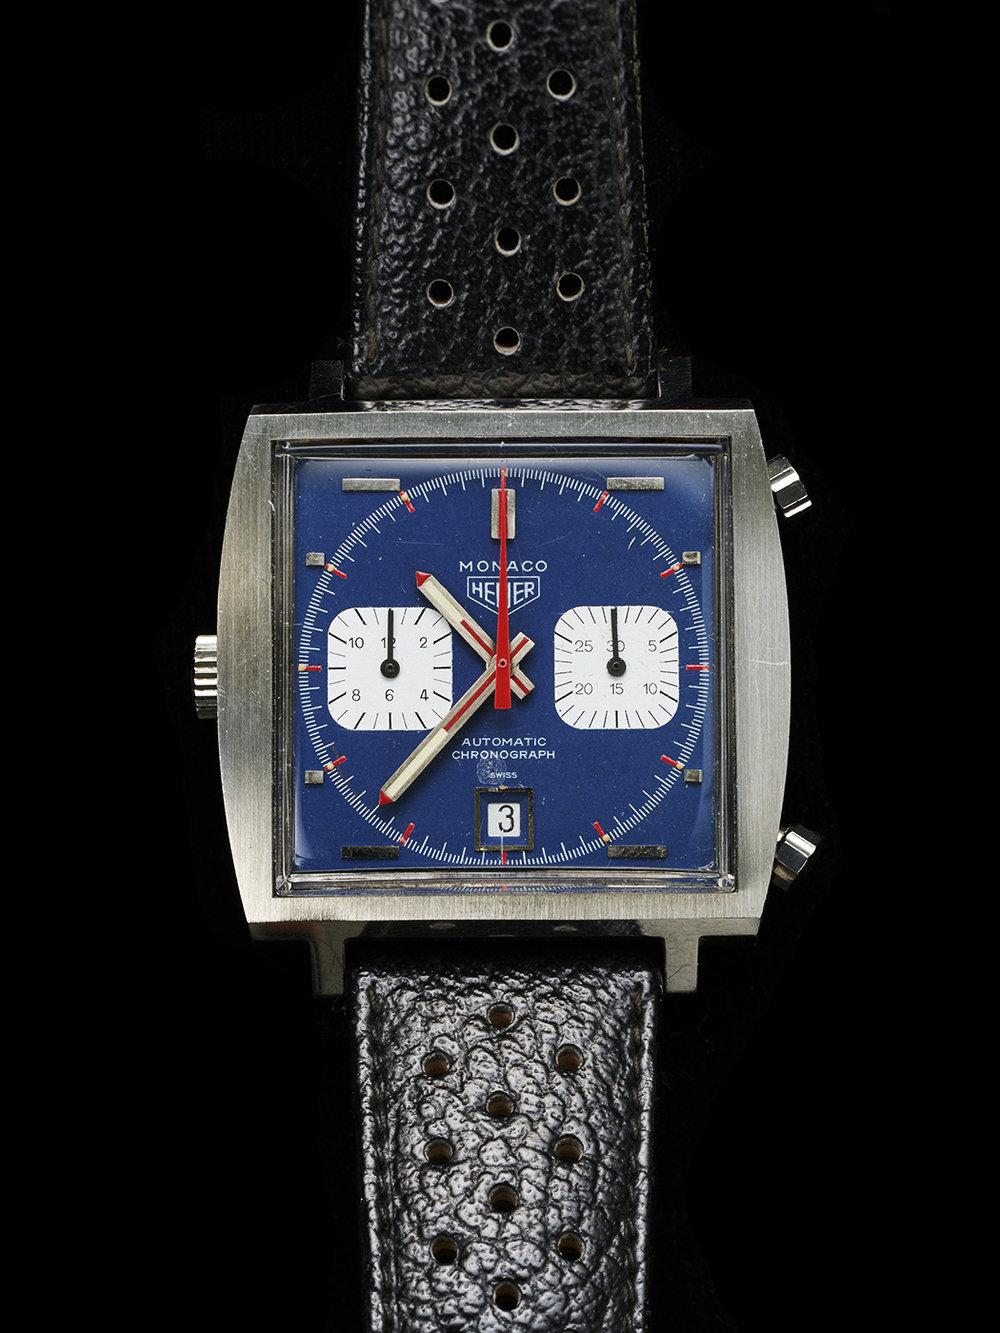 Steve Queen's Heuer Monaco prop watch from the film Le Mans